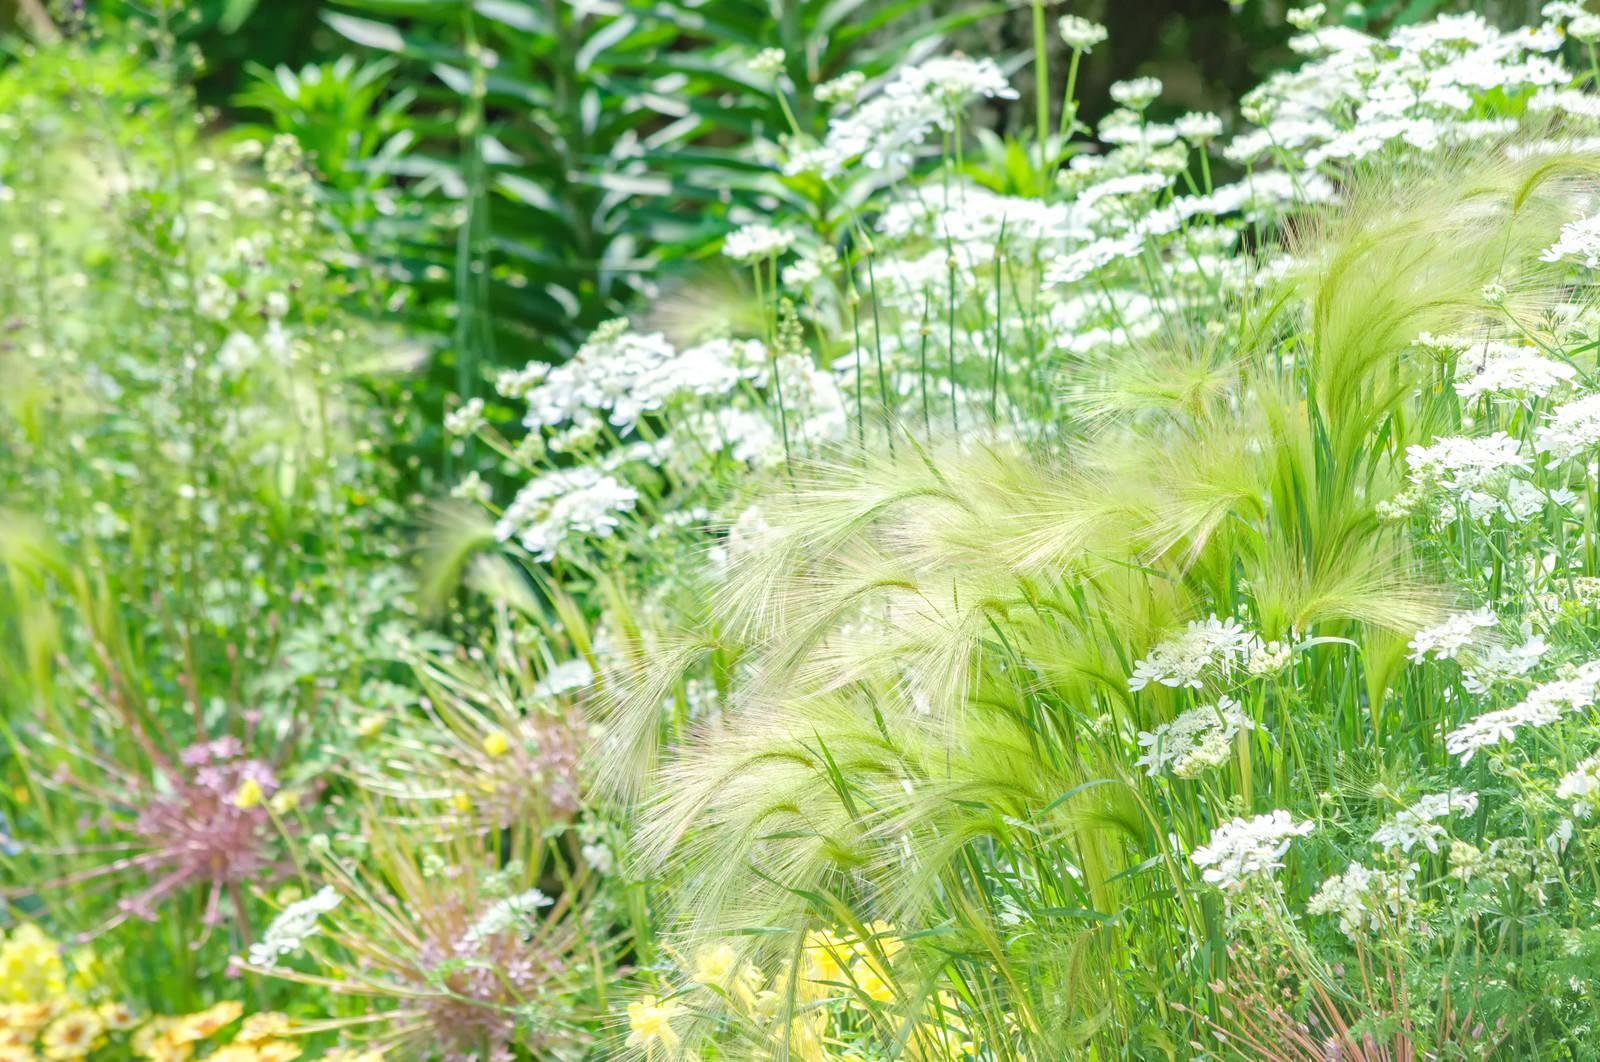 「初夏の風にゆれるオーナメンタルグラス」の写真